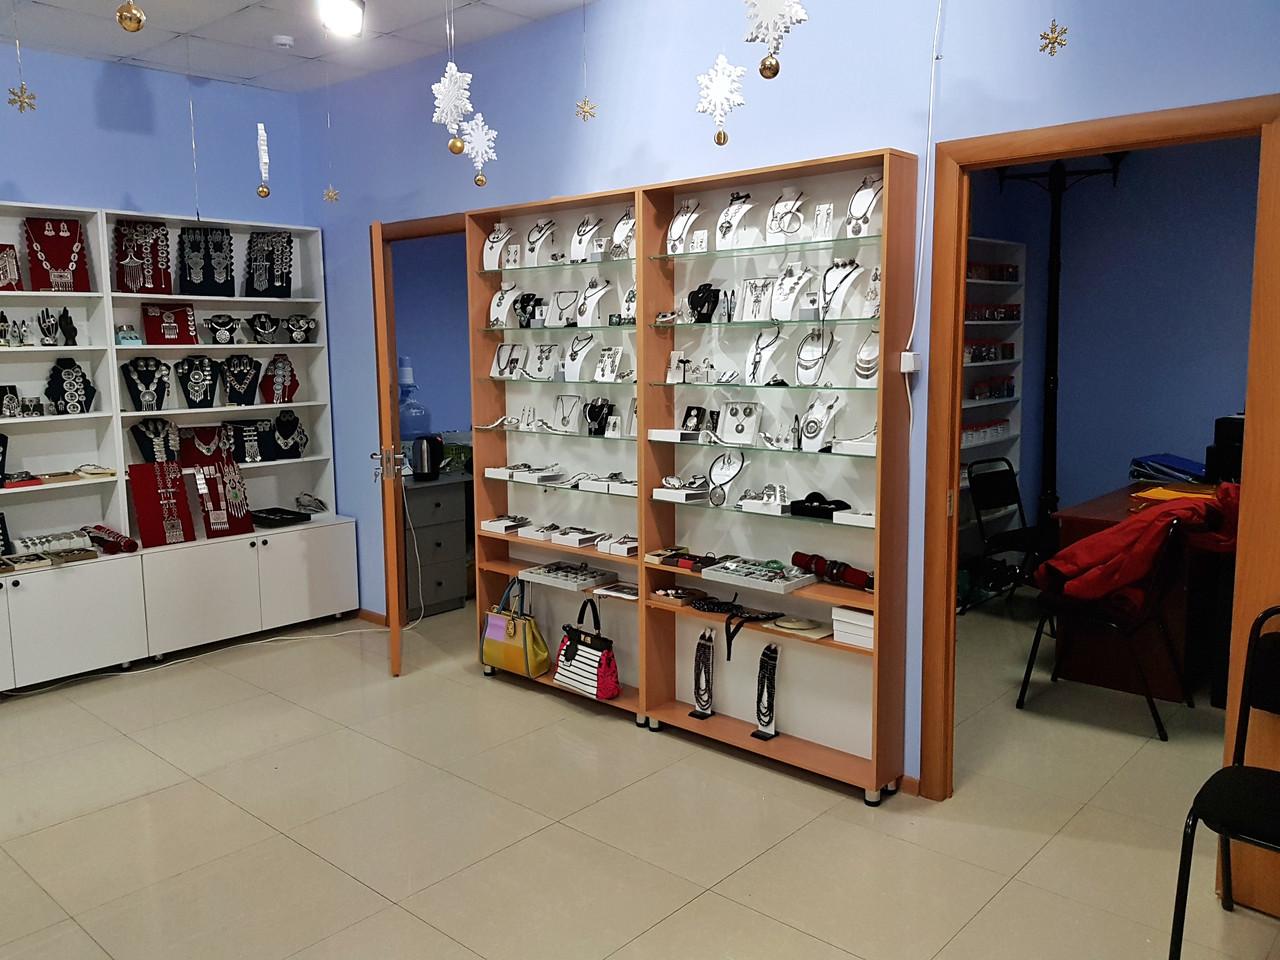 Продам или обменяю действующий бизнес в Астане - фото 2